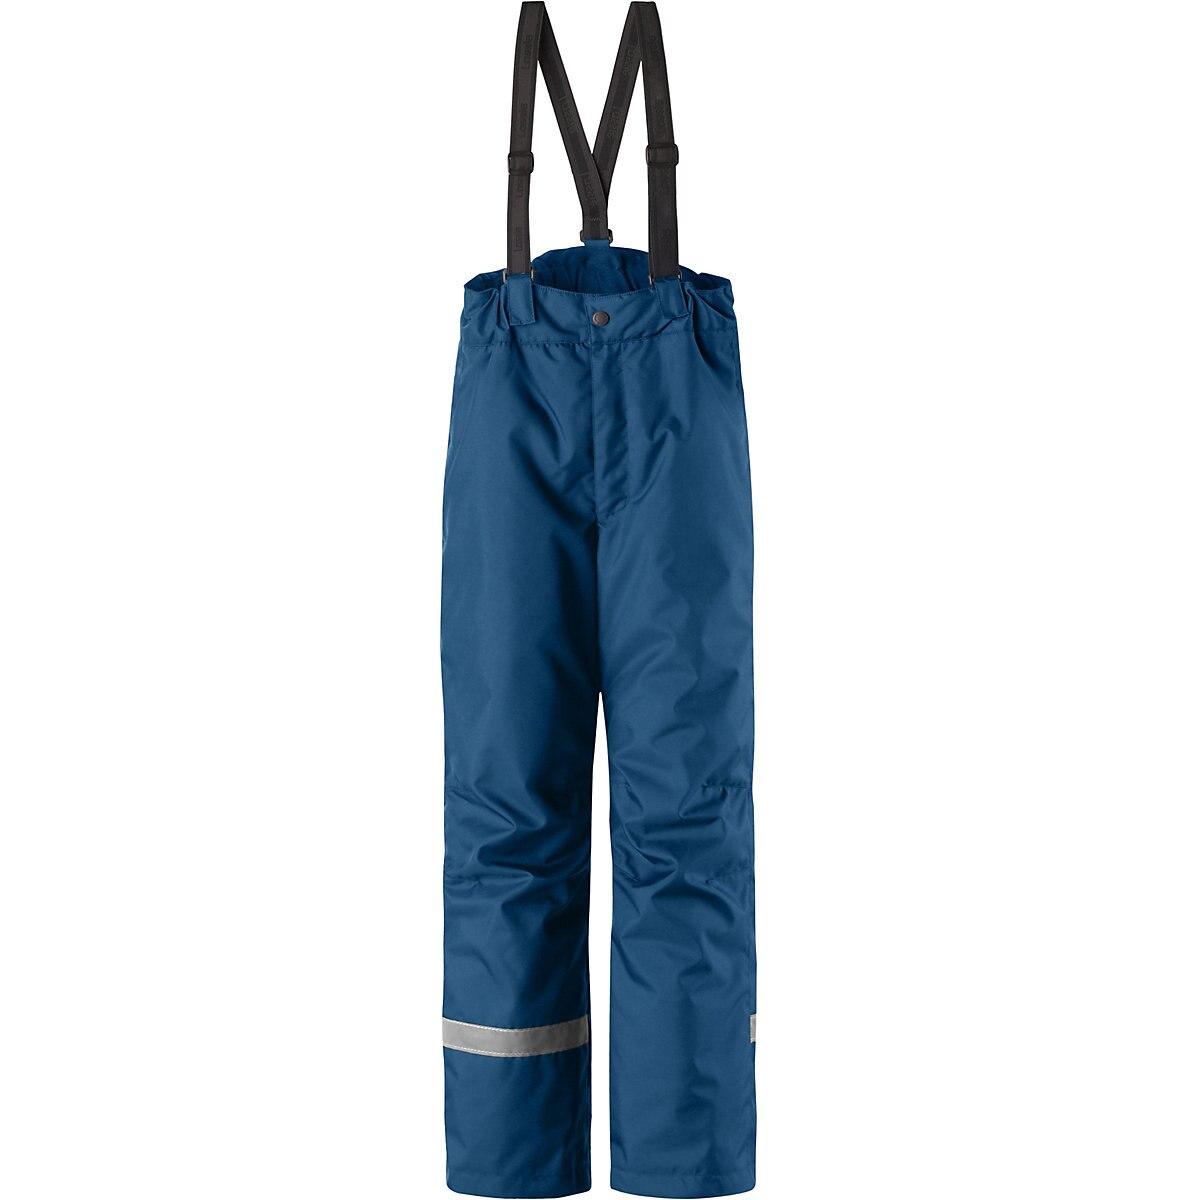 Pants & Capris LASSIE for boys 8631149 Leggings Hot Warm Children clothes Kids jeans gulliver for boys 21808bkc6303 pants children clothes kids leggings suit